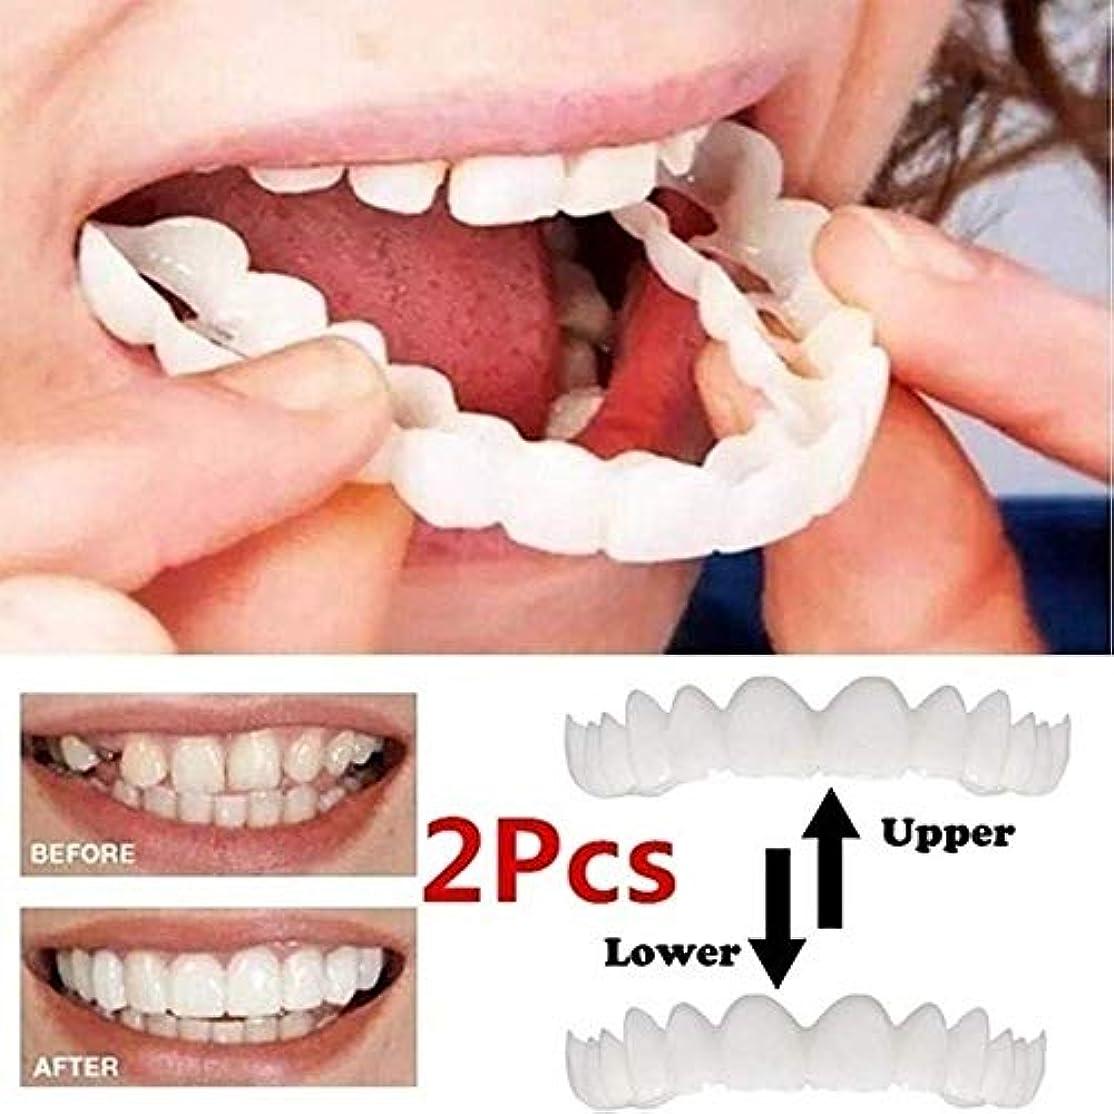 コストかごメディック2ピース上下義歯インスタントスマイルコンフォートフレックス化粧品歯義歯1つのサイズにフィット最も快適な義歯ケア